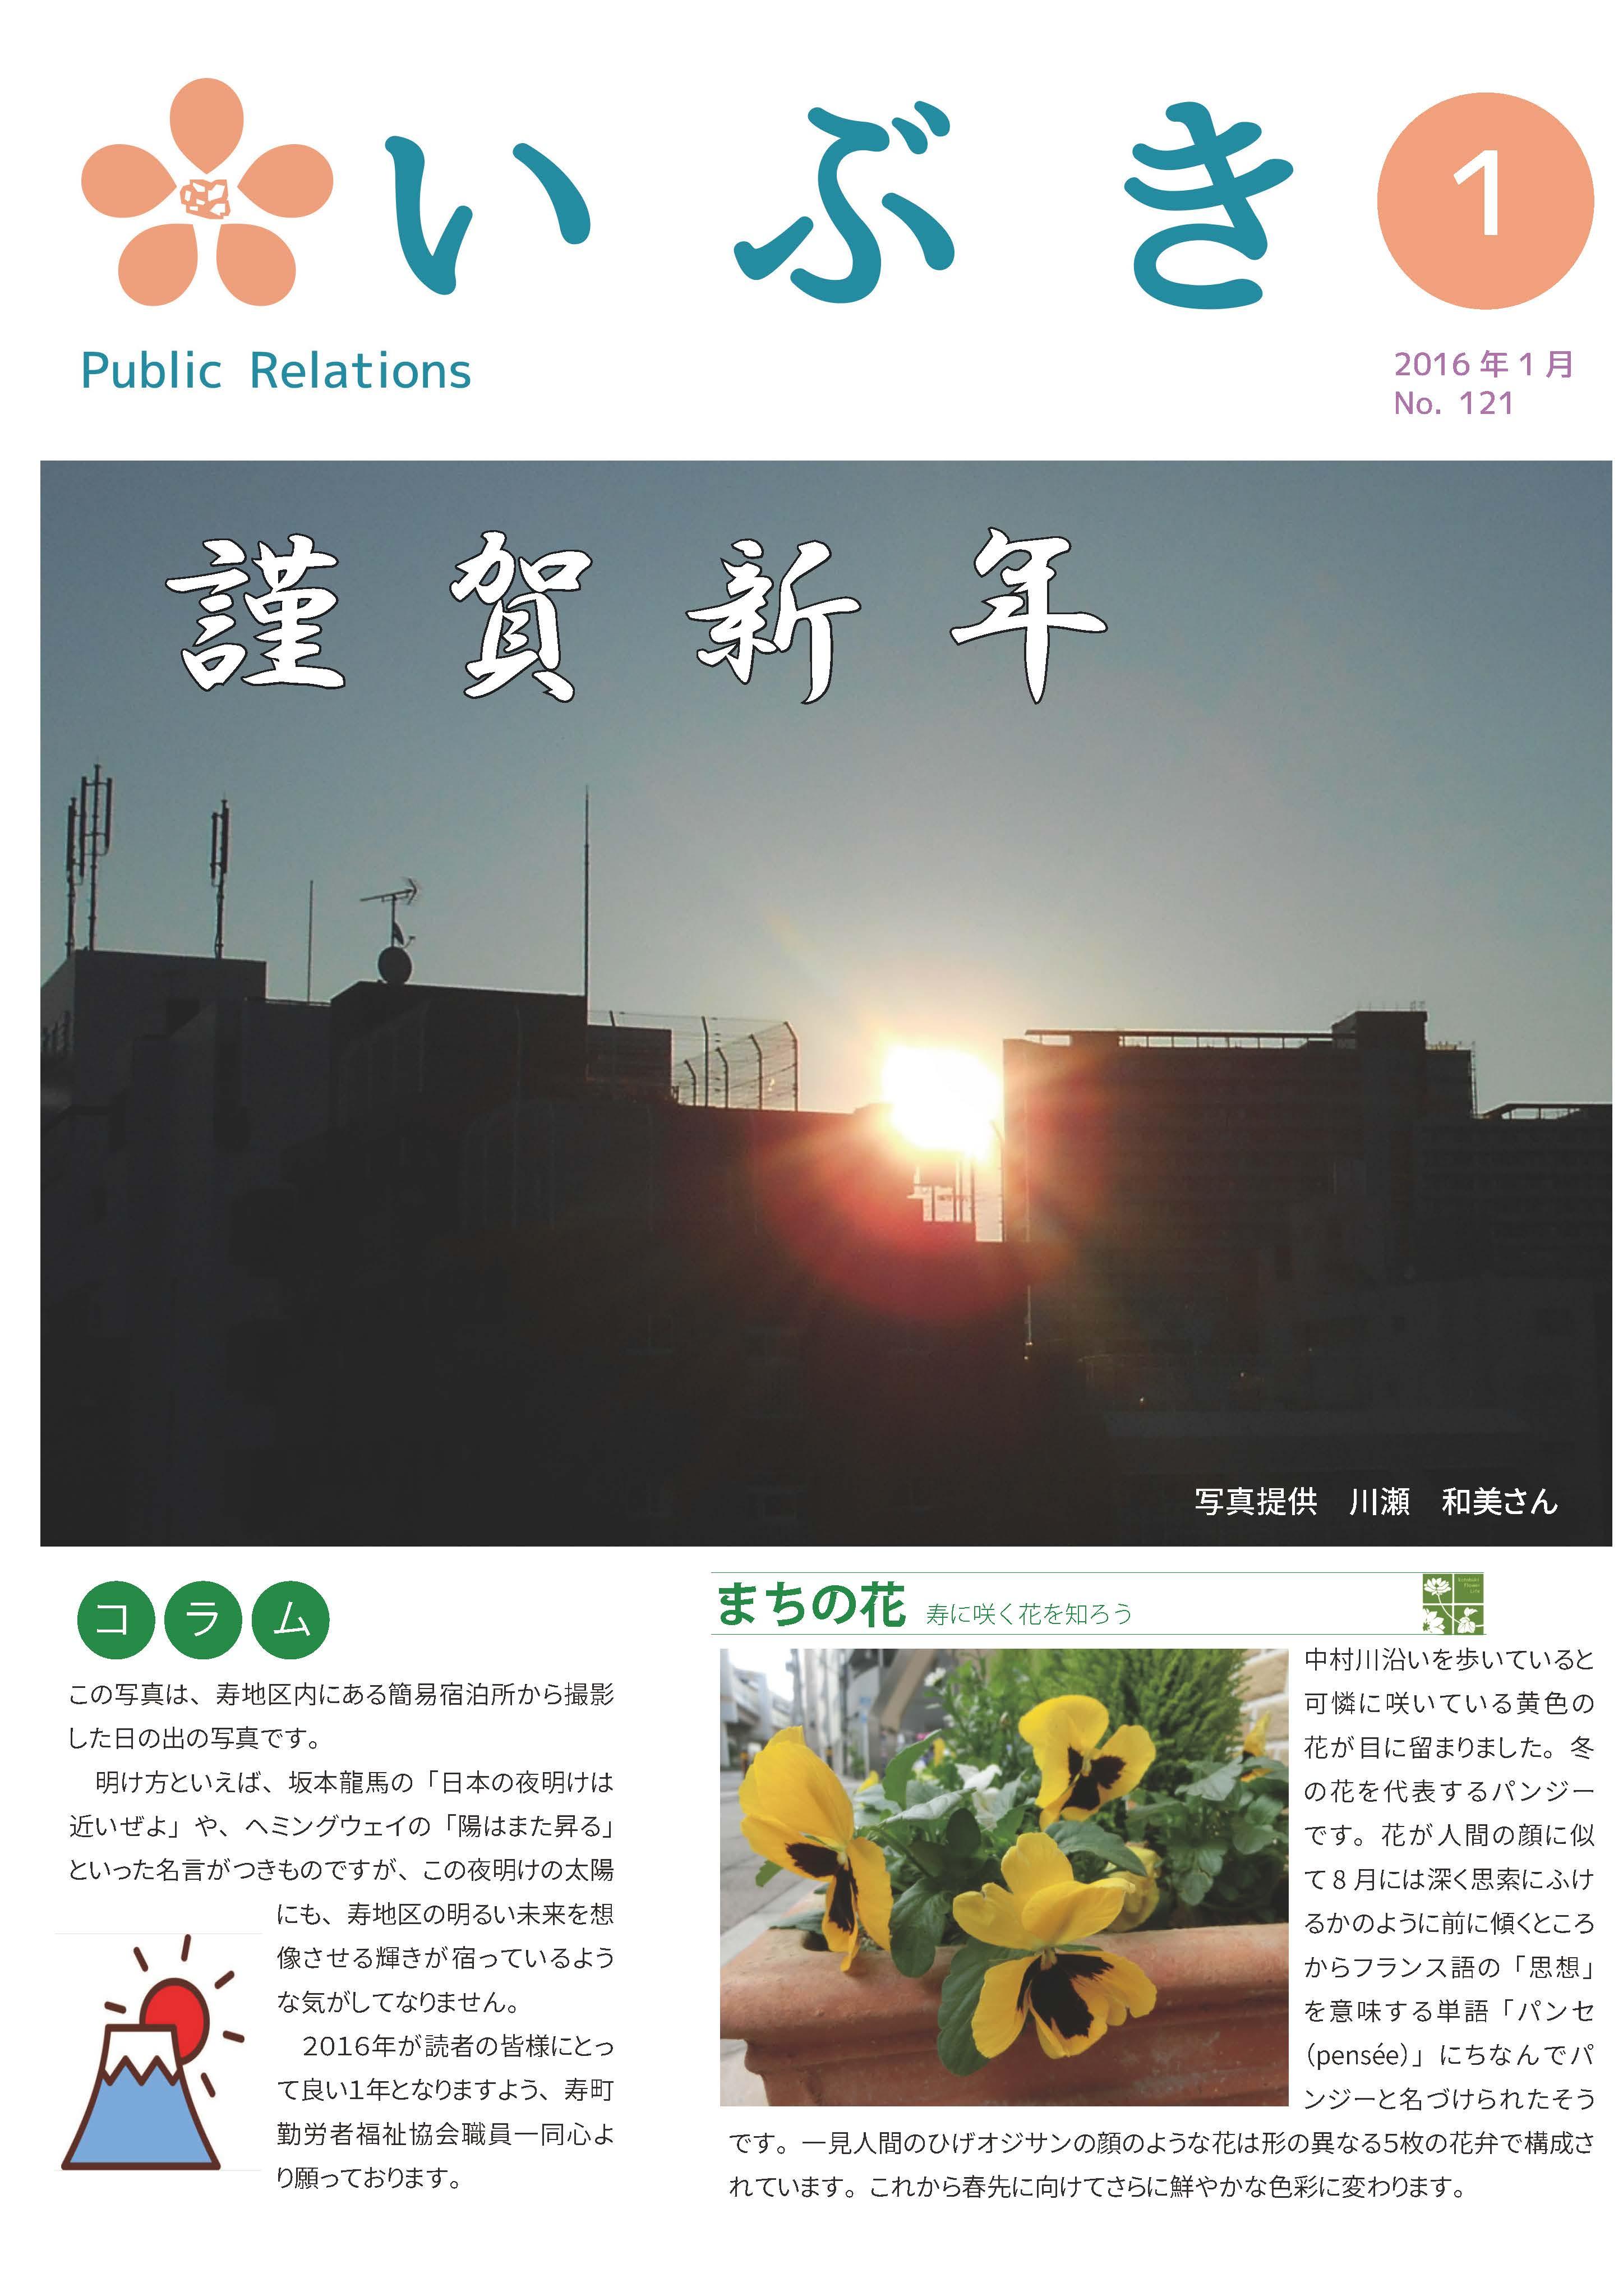 広報紙いぶき2016年1月号(No.121)